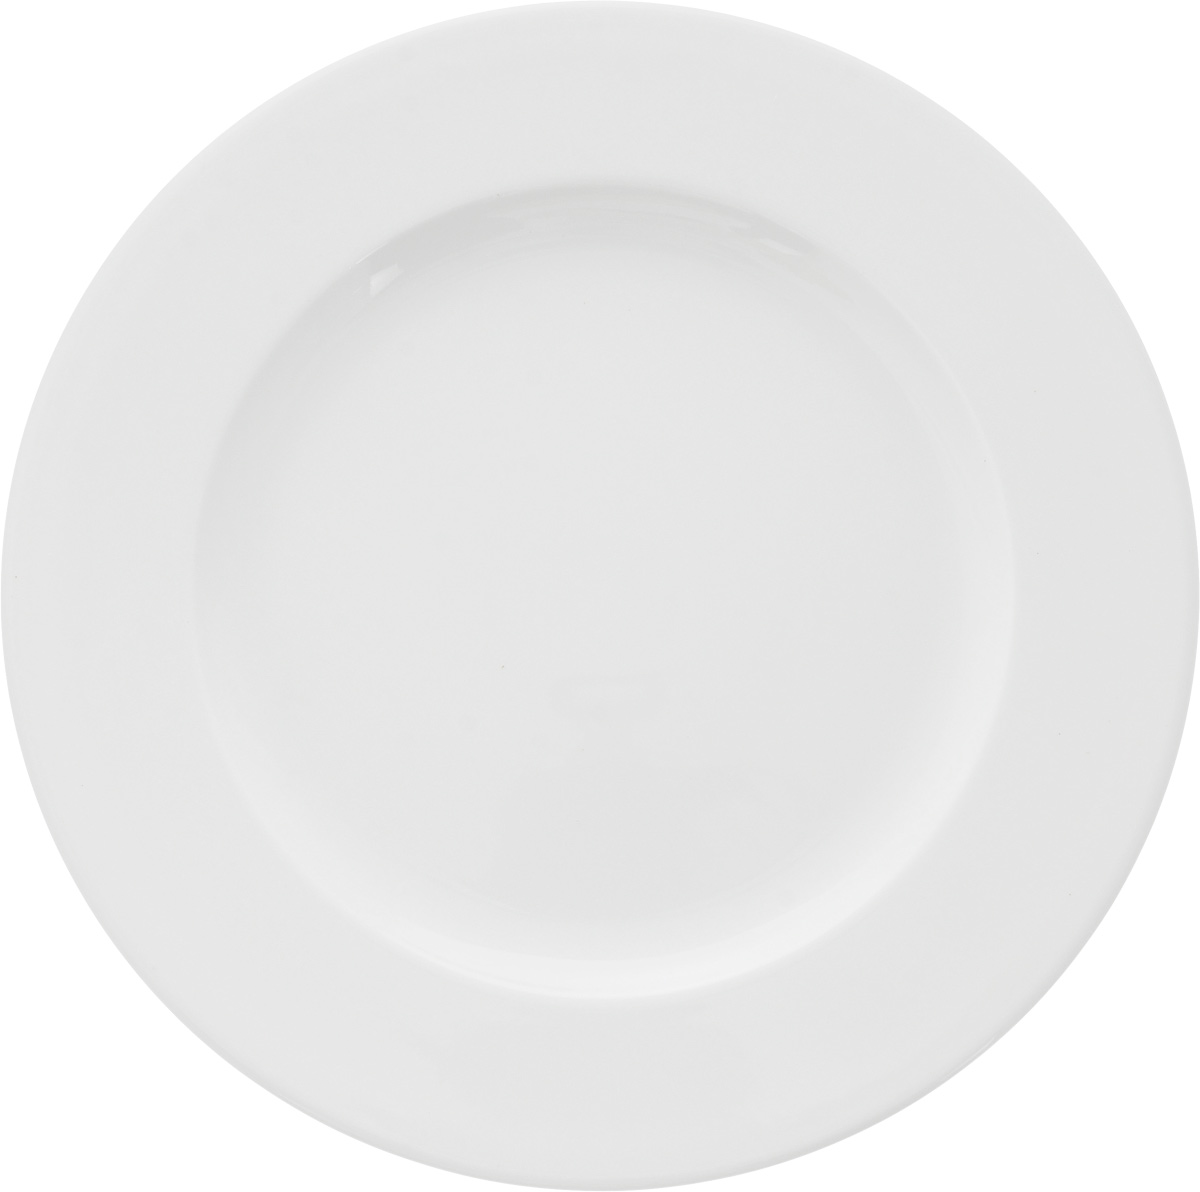 Тарелка мелкая Ariane Прайм, диаметр 27 см. APRARN11027115510Мелкая тарелка Ariane Прайм, изготовленная из высококачественного фарфора, имеет классическую круглую форму. Такая тарелка отлично подойдет в качестве блюда для сервировки закусок, нарезок, горячих блюд. Изделие прекрасно впишется в интерьер вашей кухни и станет достойным дополнением к кухонному инвентарю. Тарелка Ariane Прайм подчеркнет прекрасный вкус хозяйки и станет отличным подарком.Можно мыть в посудомоечной машине и использовать в микроволновой печи. Высота тарелки: 2 см.Диаметр тарелки: 27 см.